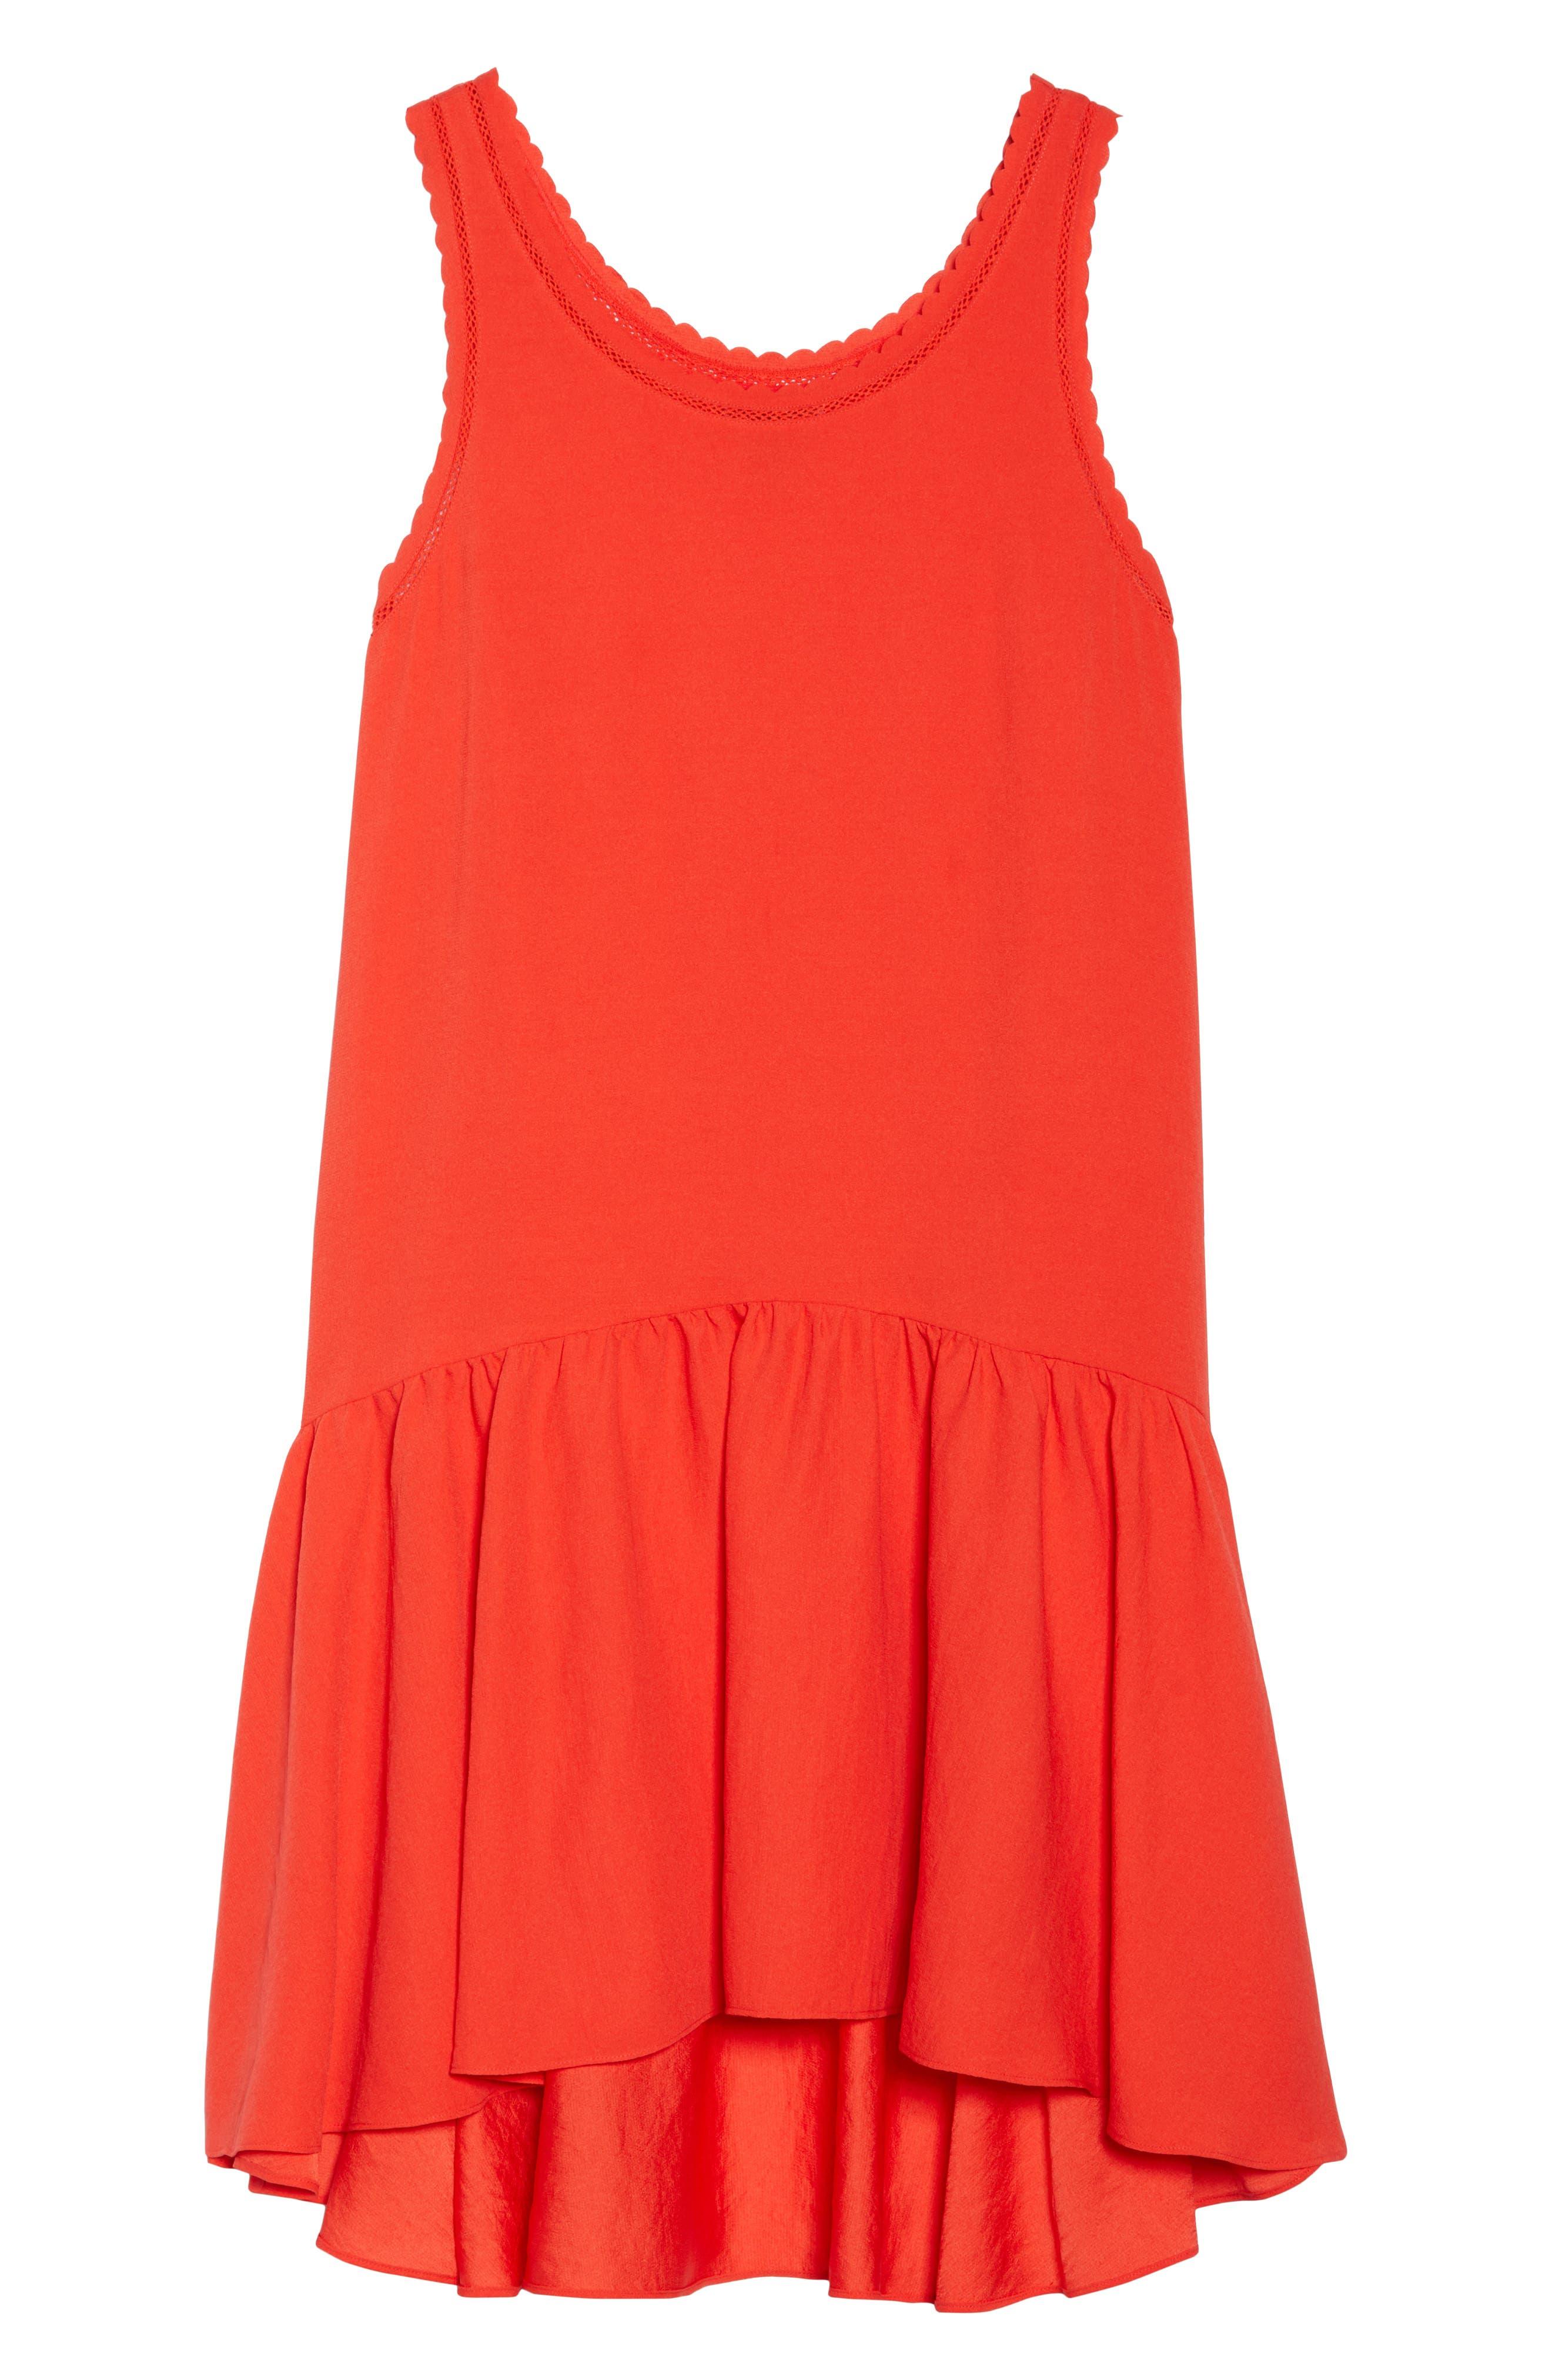 Ruffle Hem Swing Dress,                             Alternate thumbnail 7, color,                             Red Fiery